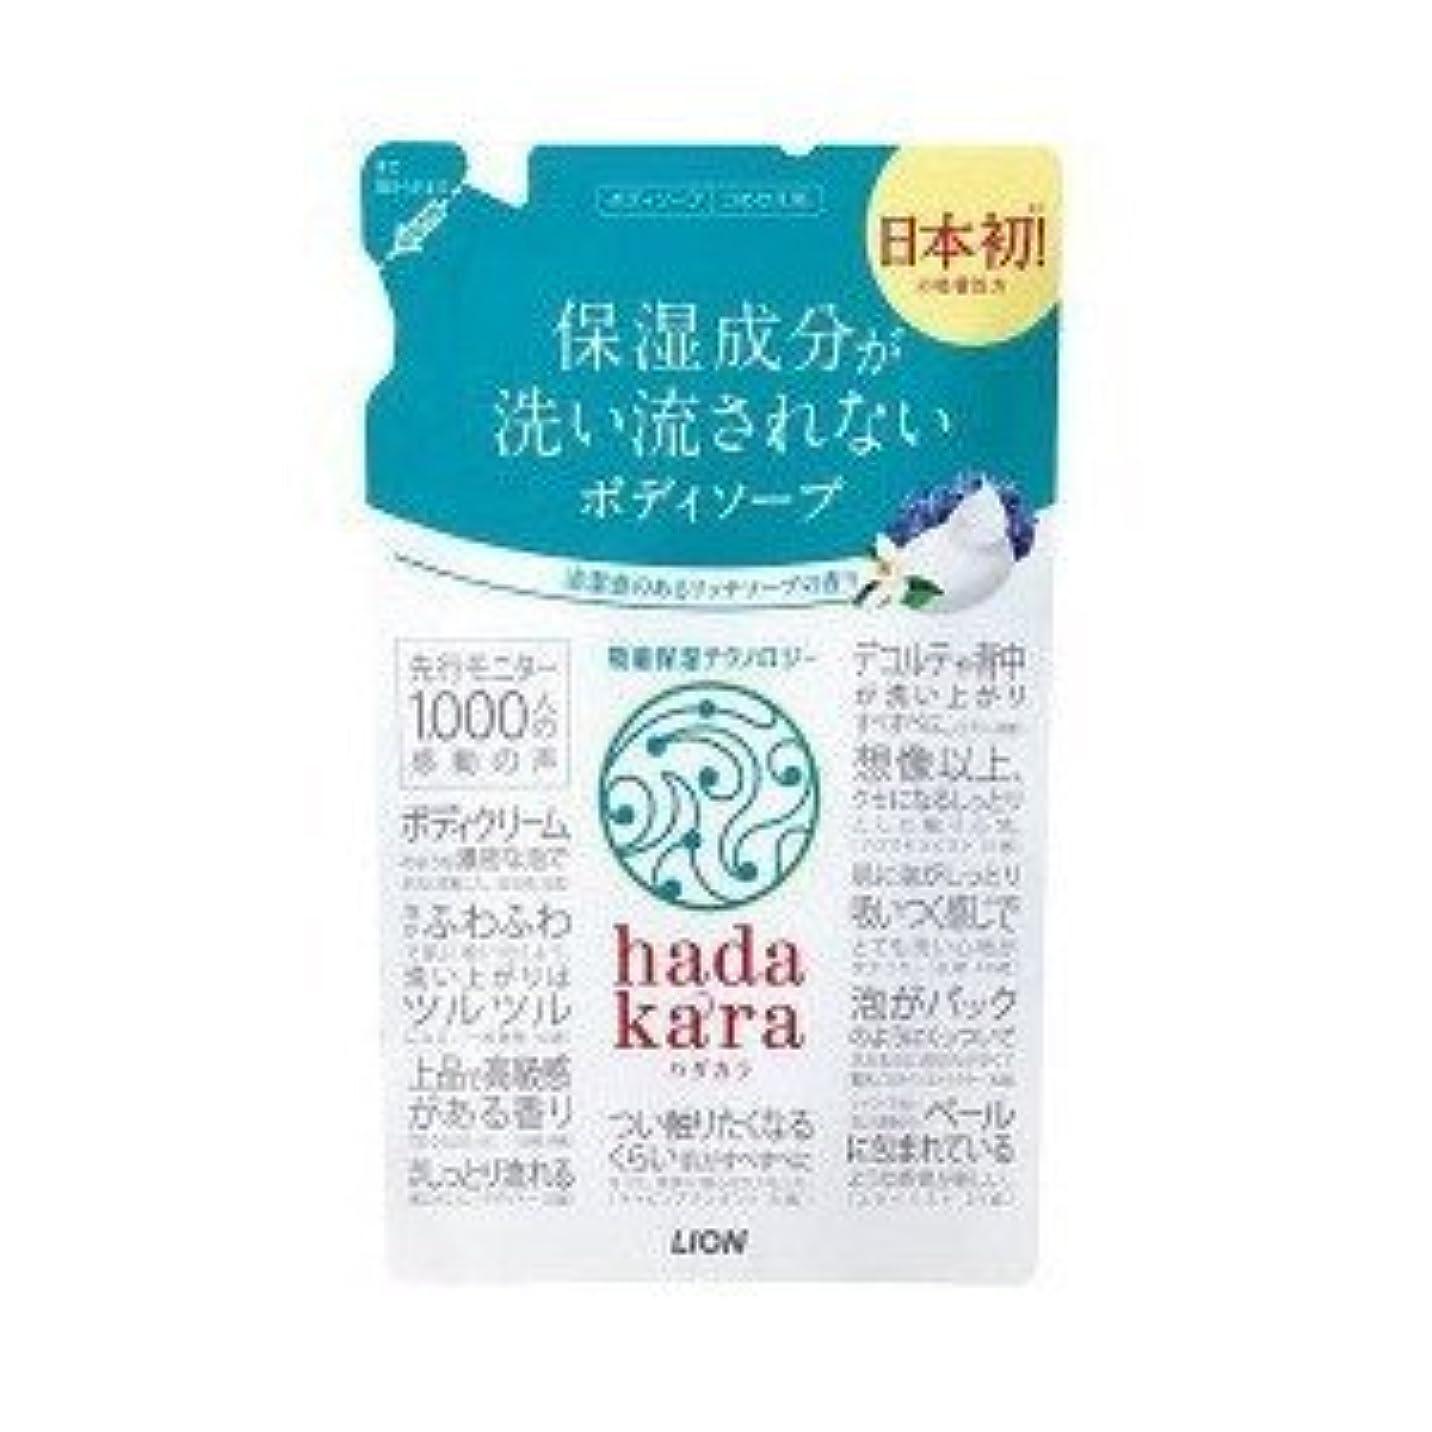 風邪をひく反発するお風呂を持っている(2016年秋の新商品)(ライオン)hadakara(ハダカラ) ボディソープ リッチソープの香り つめかえ用 360ml(お買い得3個セット)